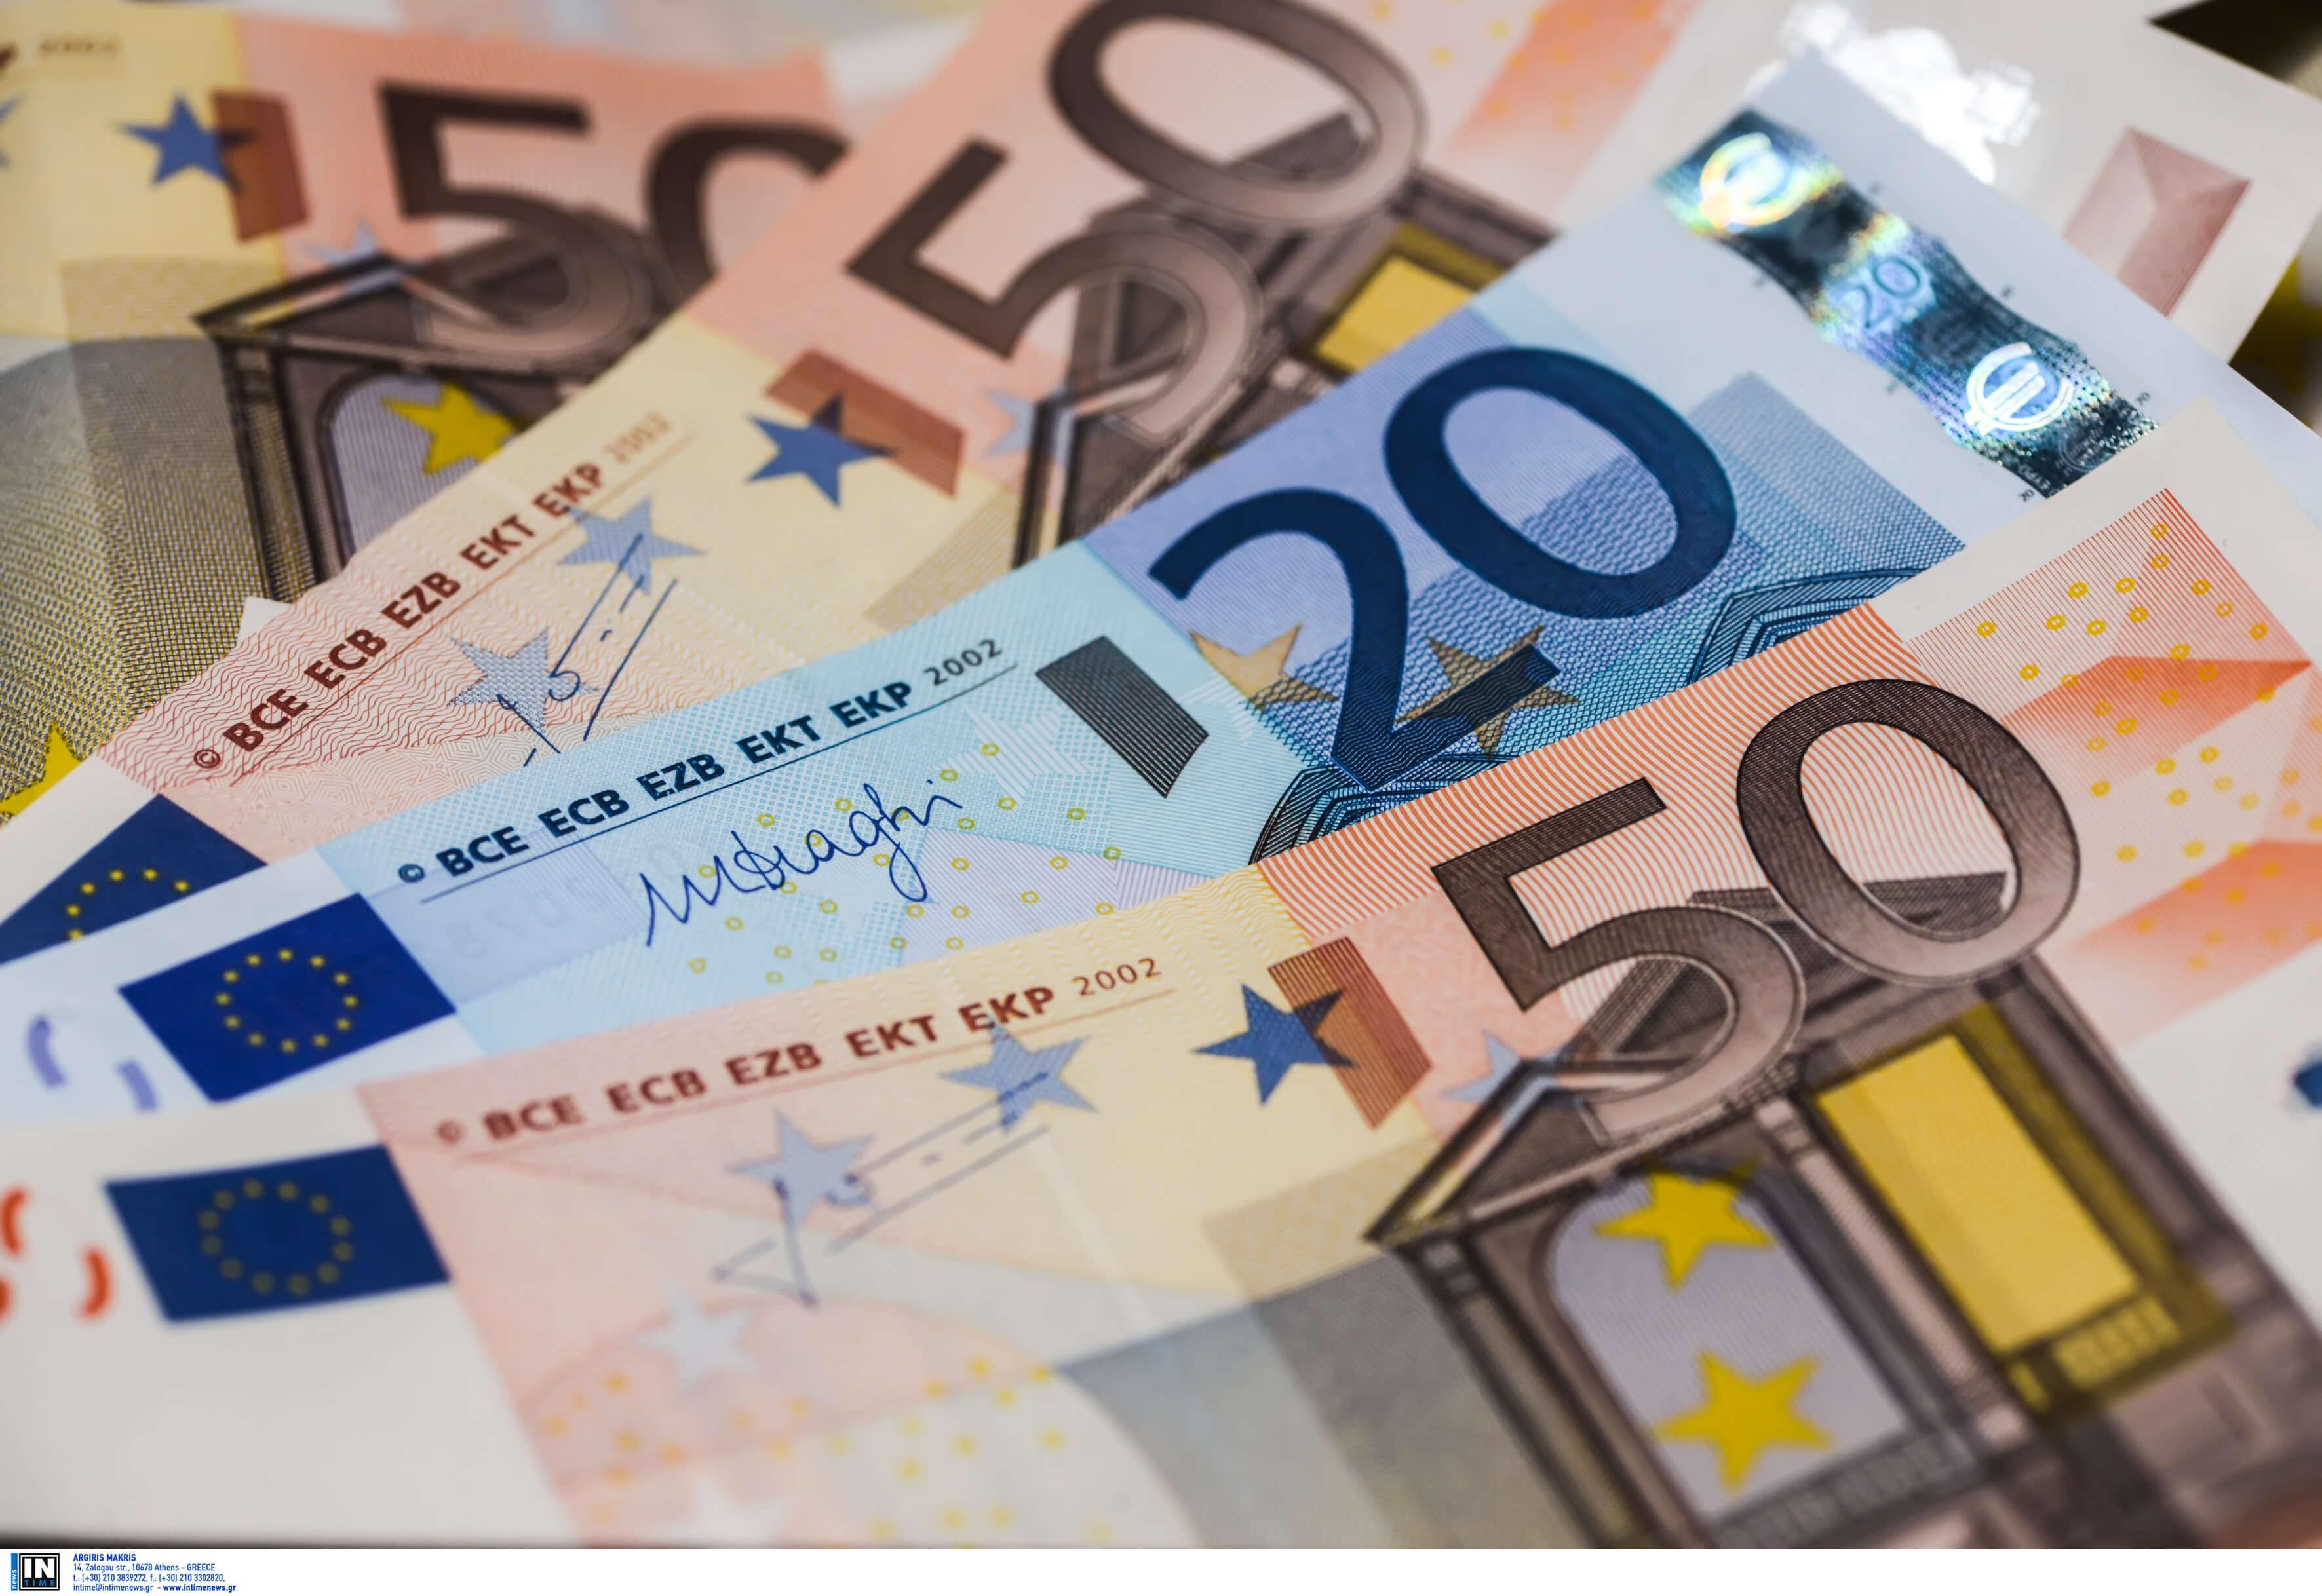 Επιστροφή φόρου: Άρχισε να καταβάλλεται στους λογαριασμούς - Ποιους αφορά και πόσα παίρνει ο καθένας